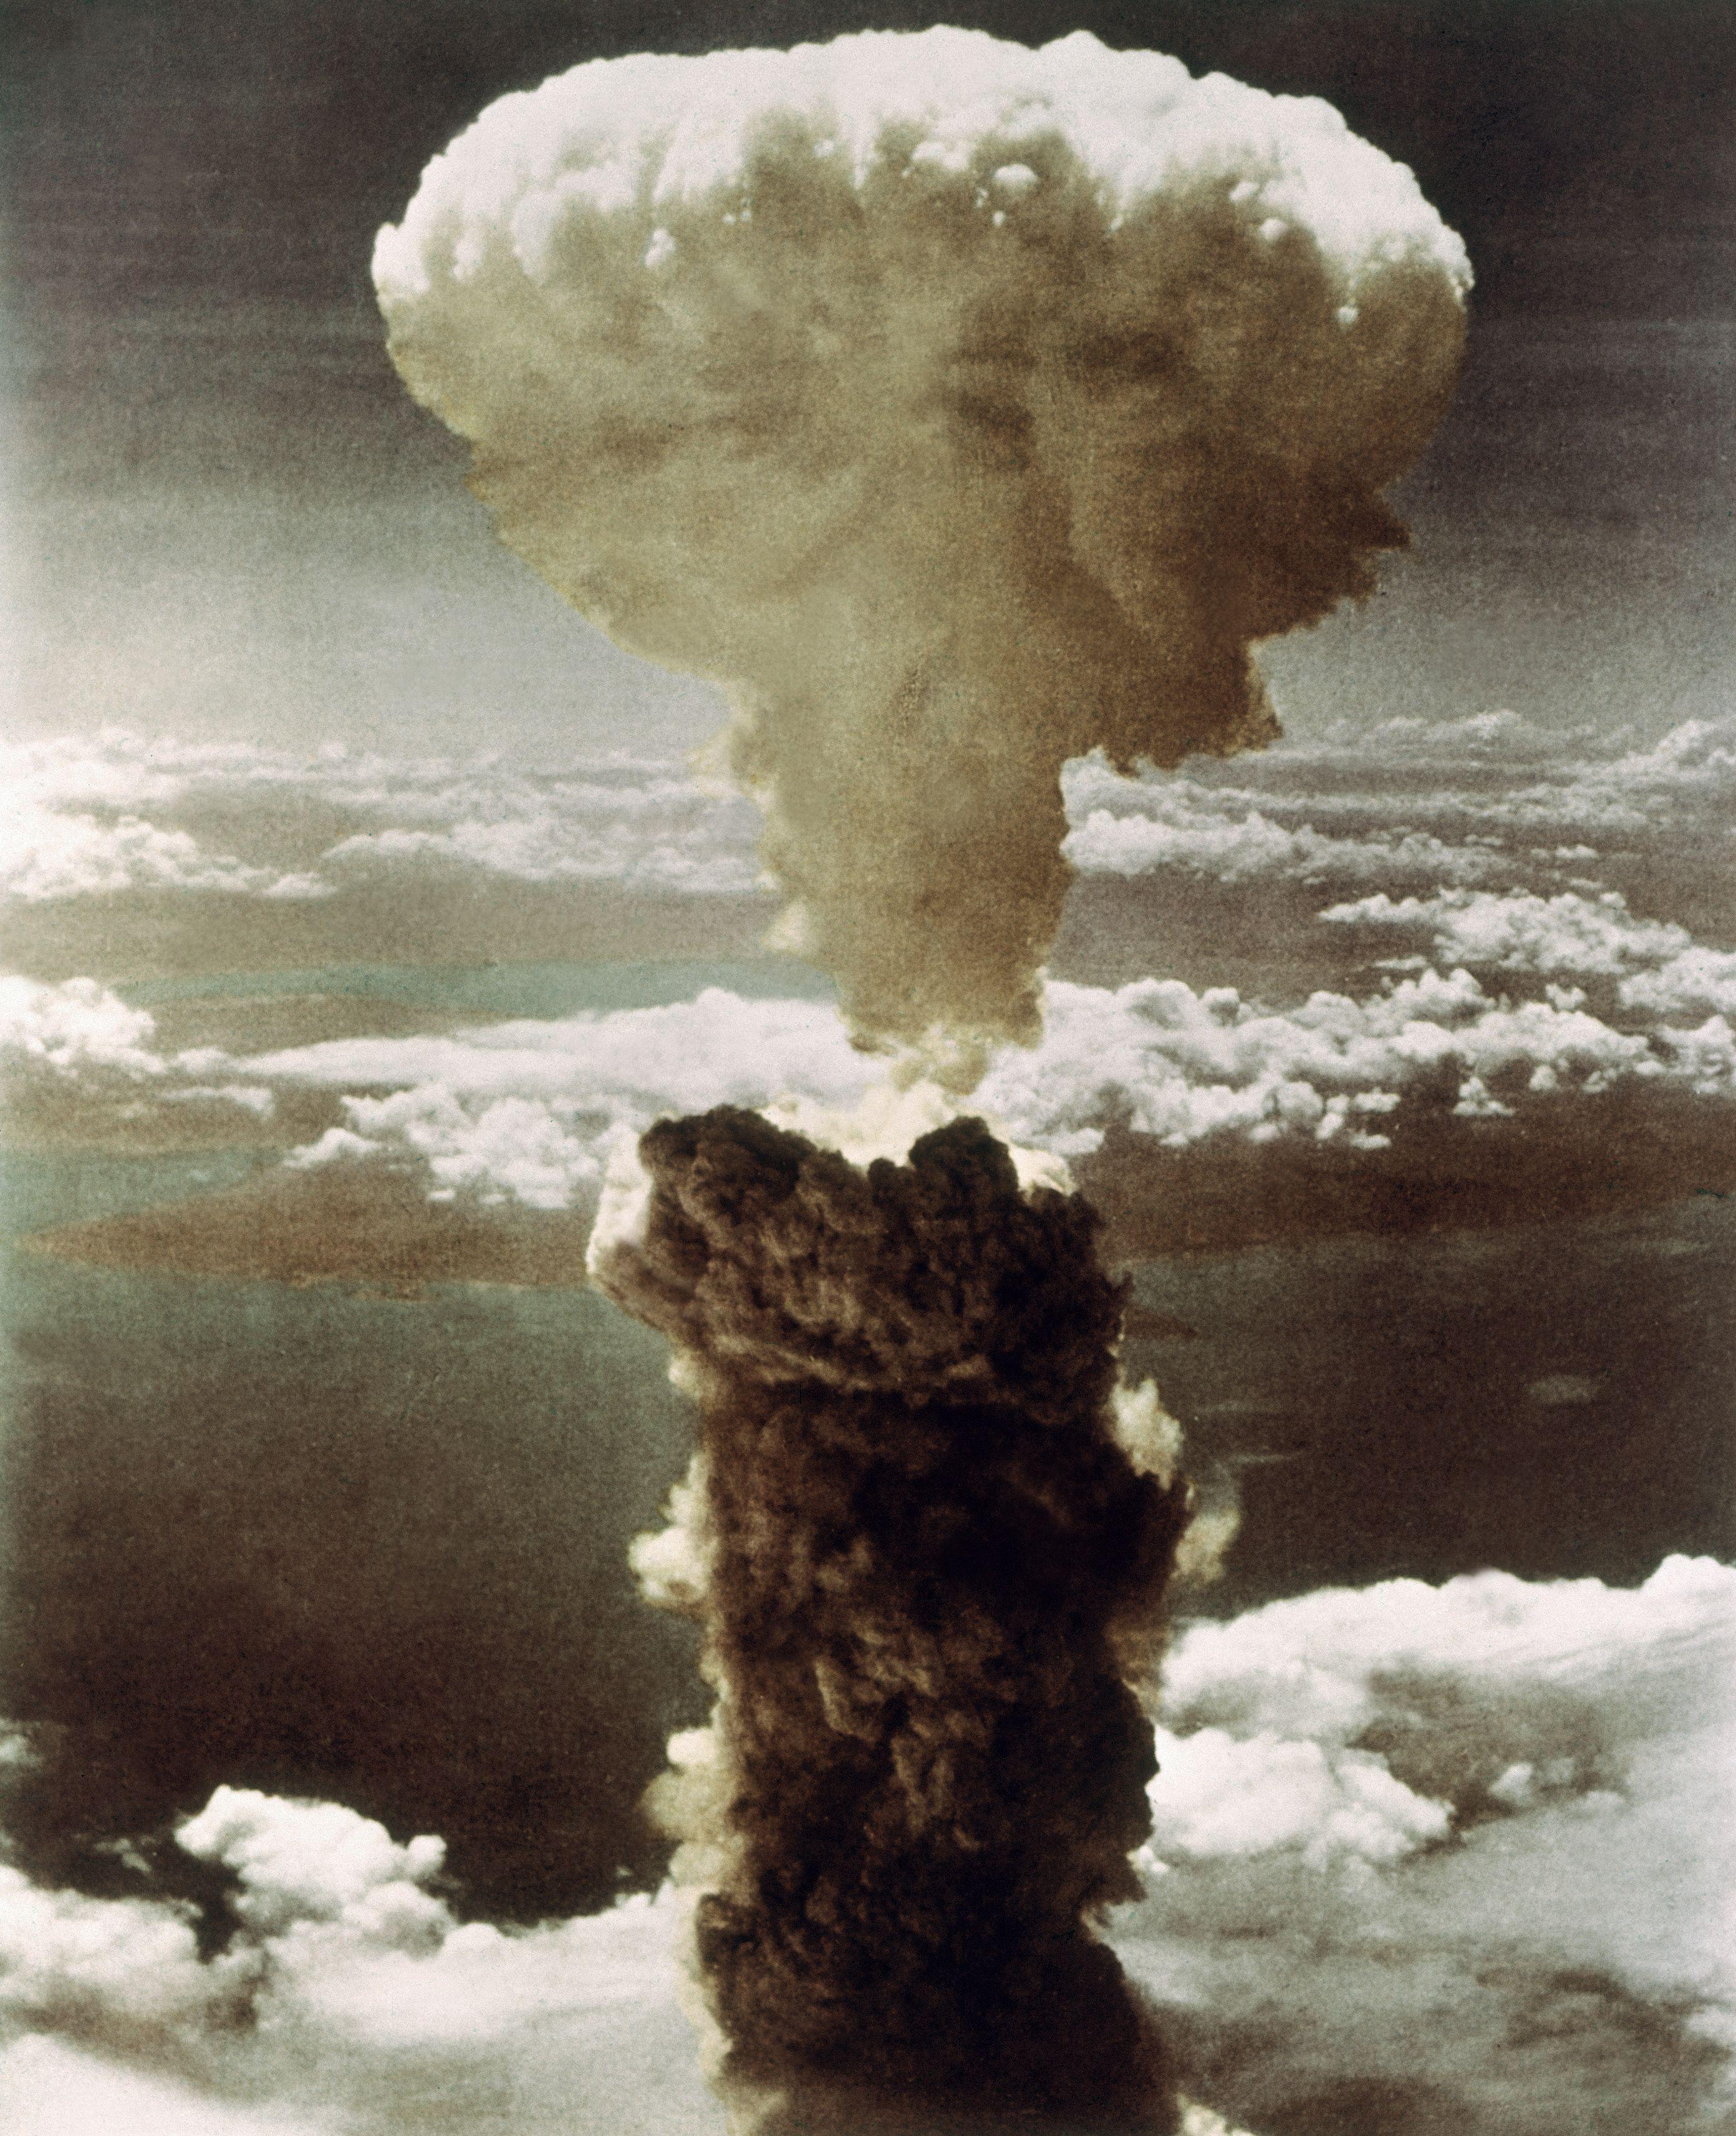 10 histoires secrètes sur la bombe - Ça m'intéresse